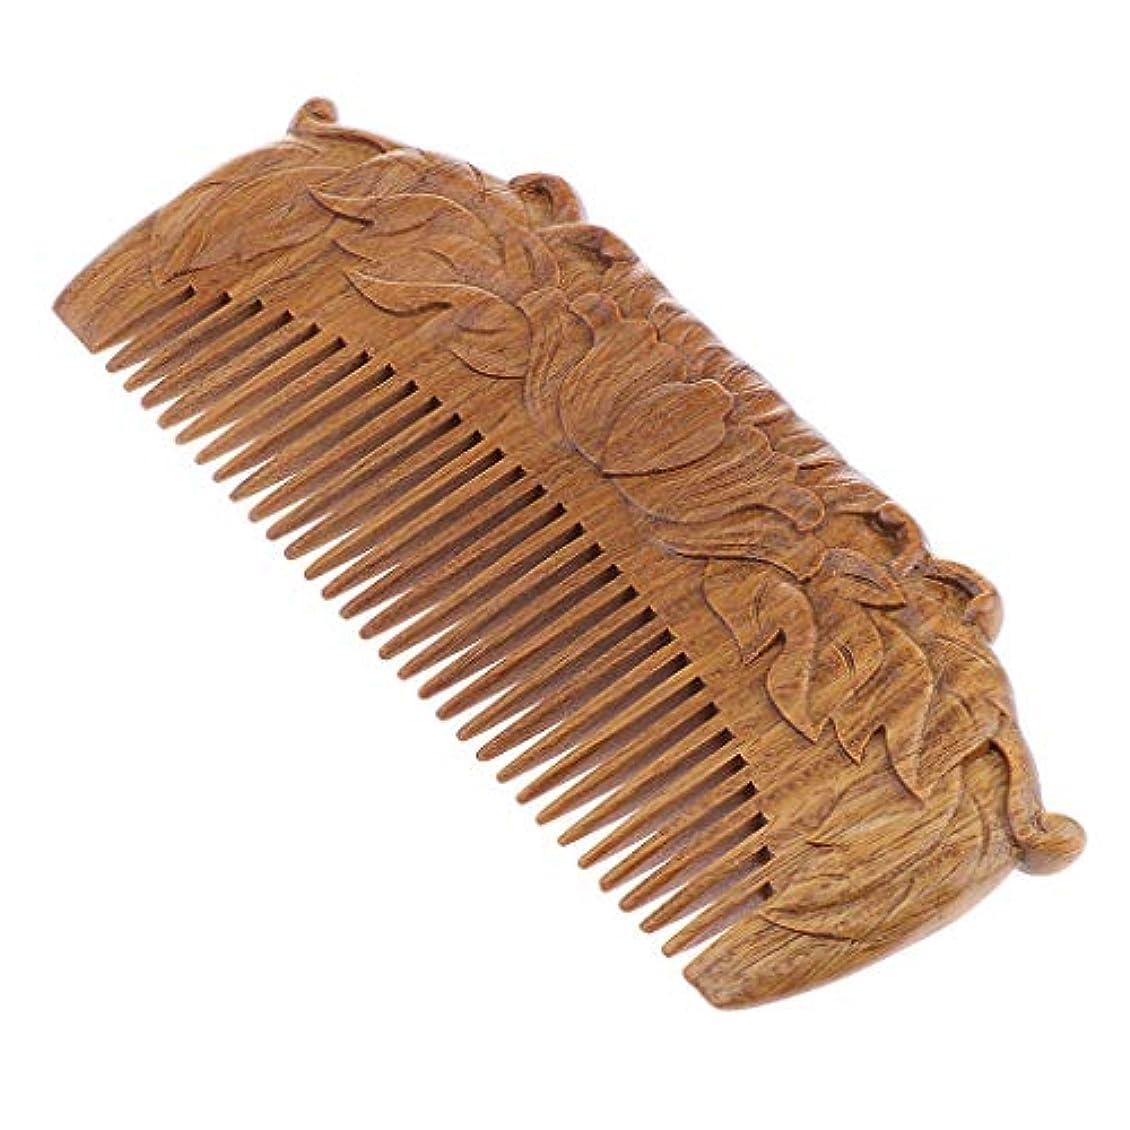 実質的に韻骨髄木製櫛 ヘアコーム ヘアブラシ 帯電防止櫛